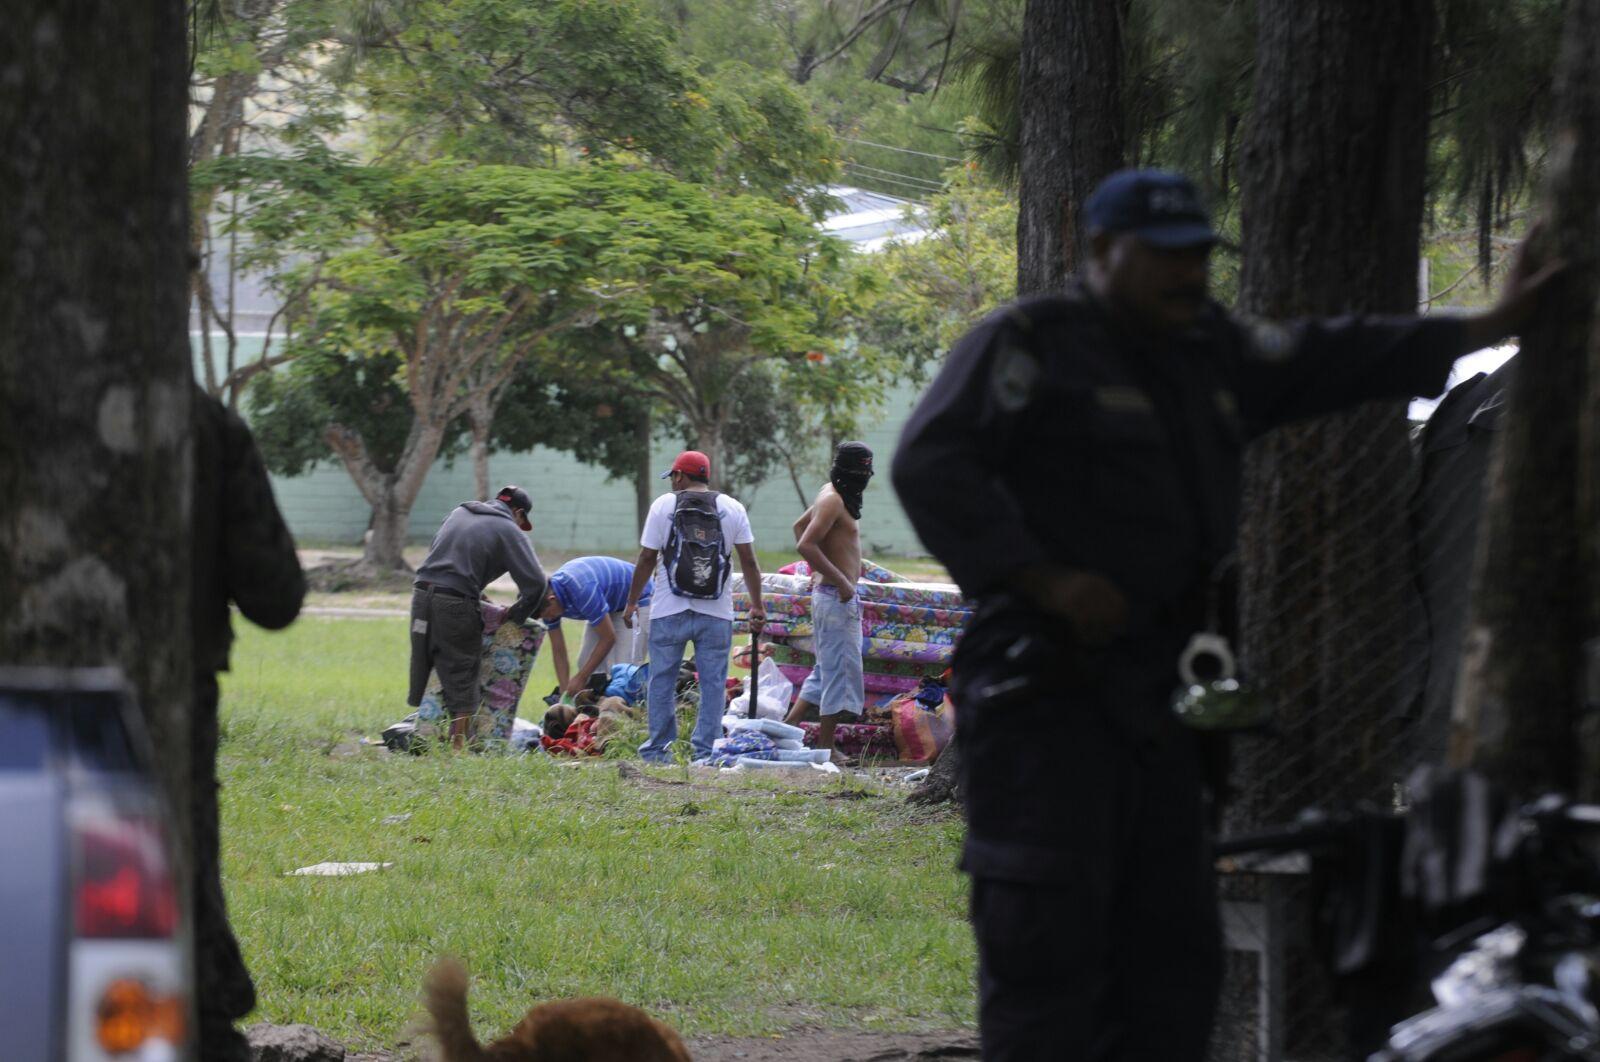 Chirizos: Trasladan a 10 de los más peligrosos adolescentes integrantes de pandillas